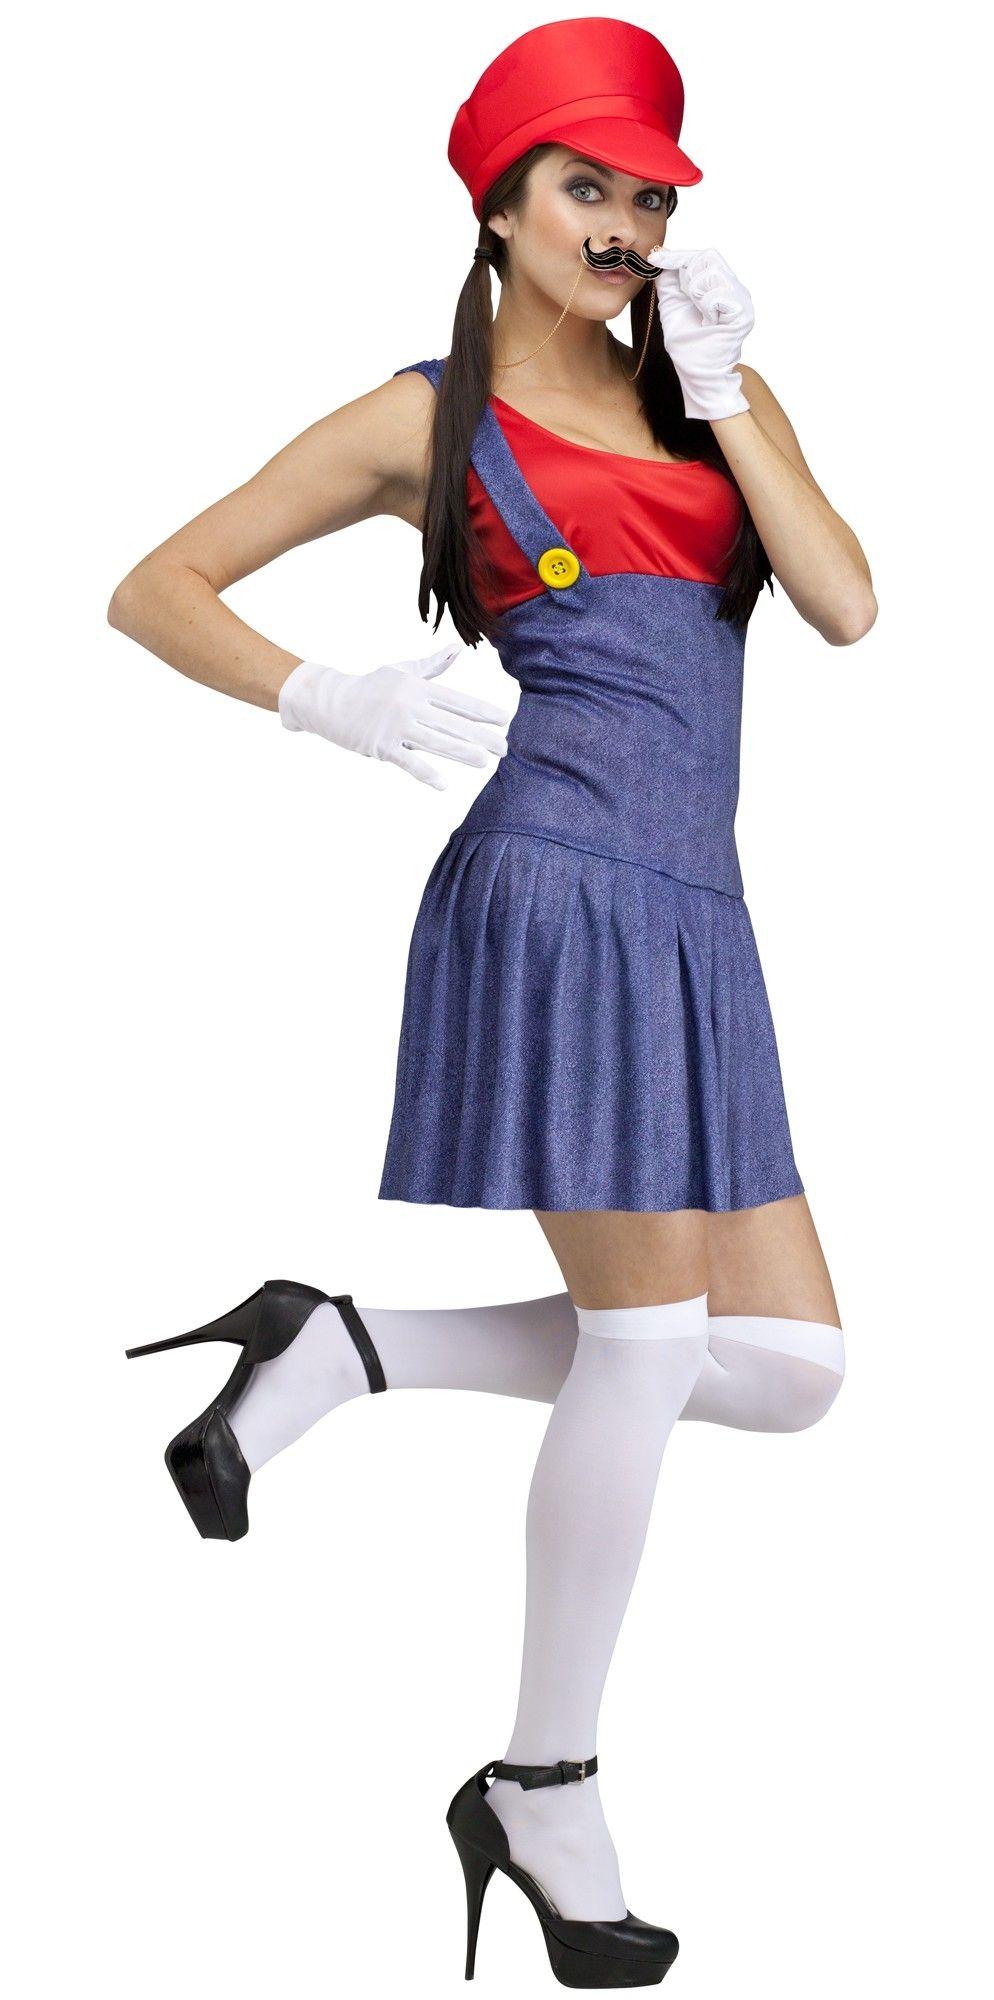 Женский костюм Марио (44) - Герои видеоигр, р.44